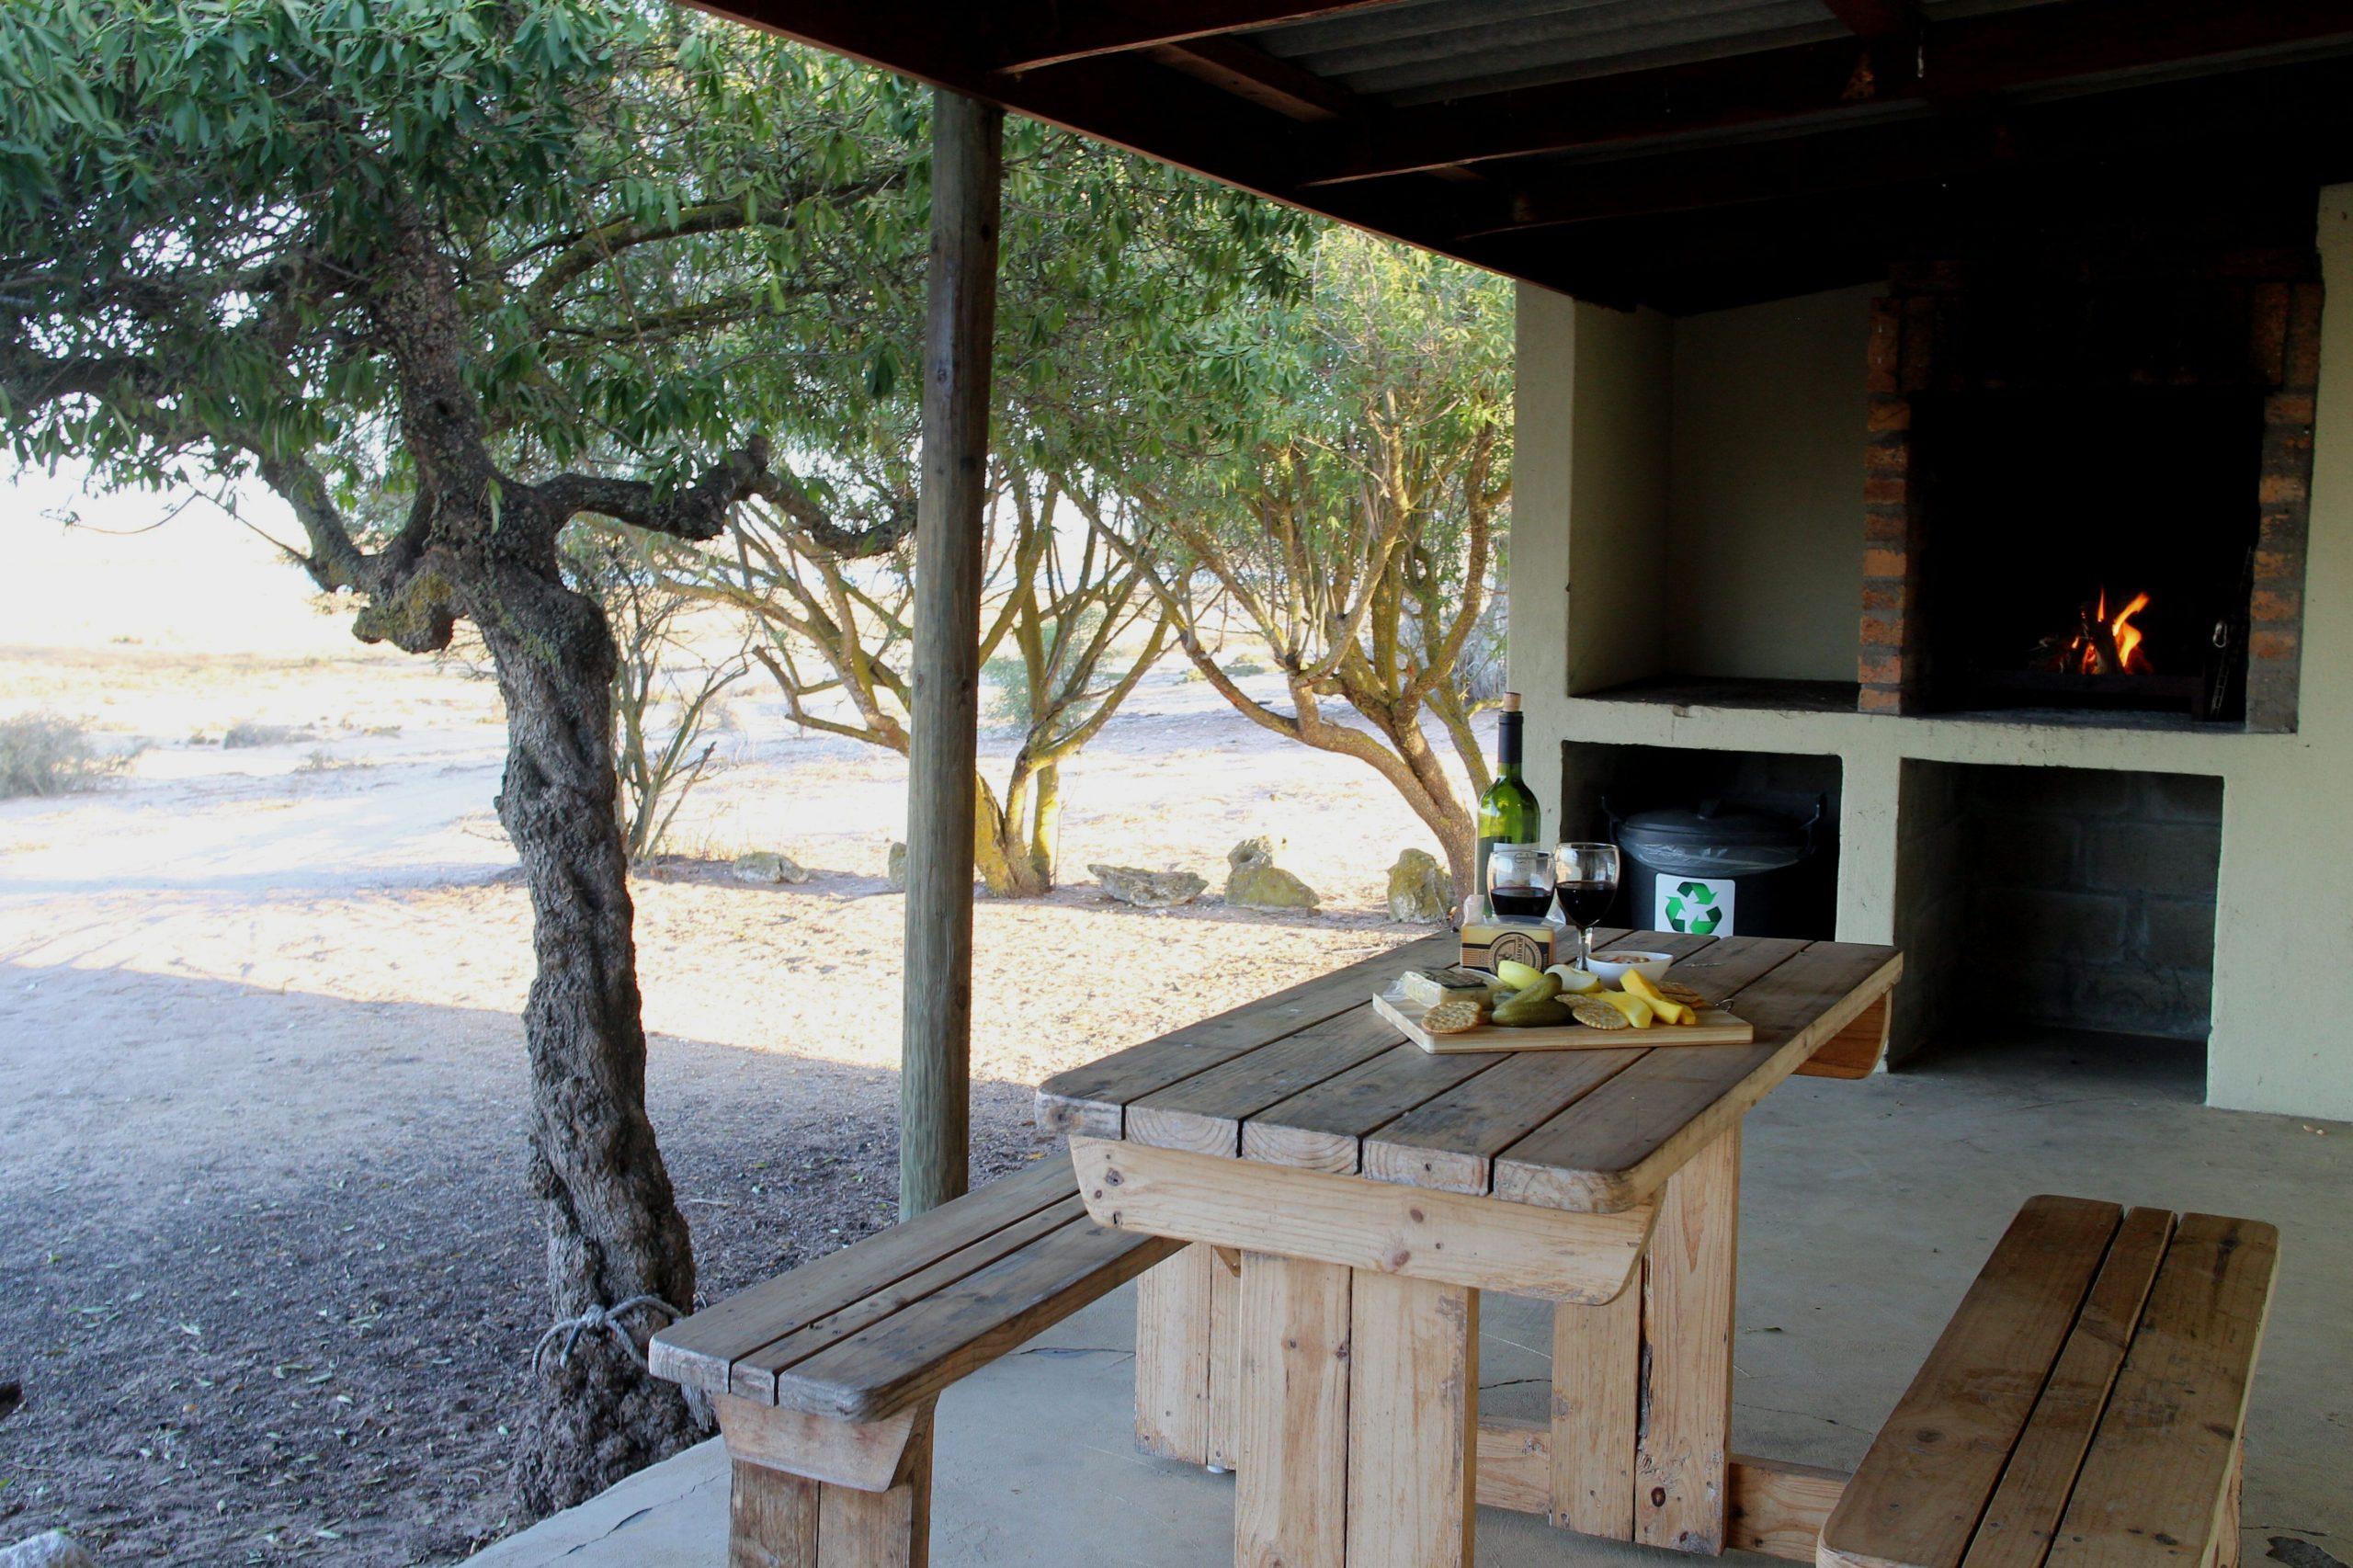 Kuifkopvisvanger - Rooireier, self catering accommodation in Velddrif, Berg River 2